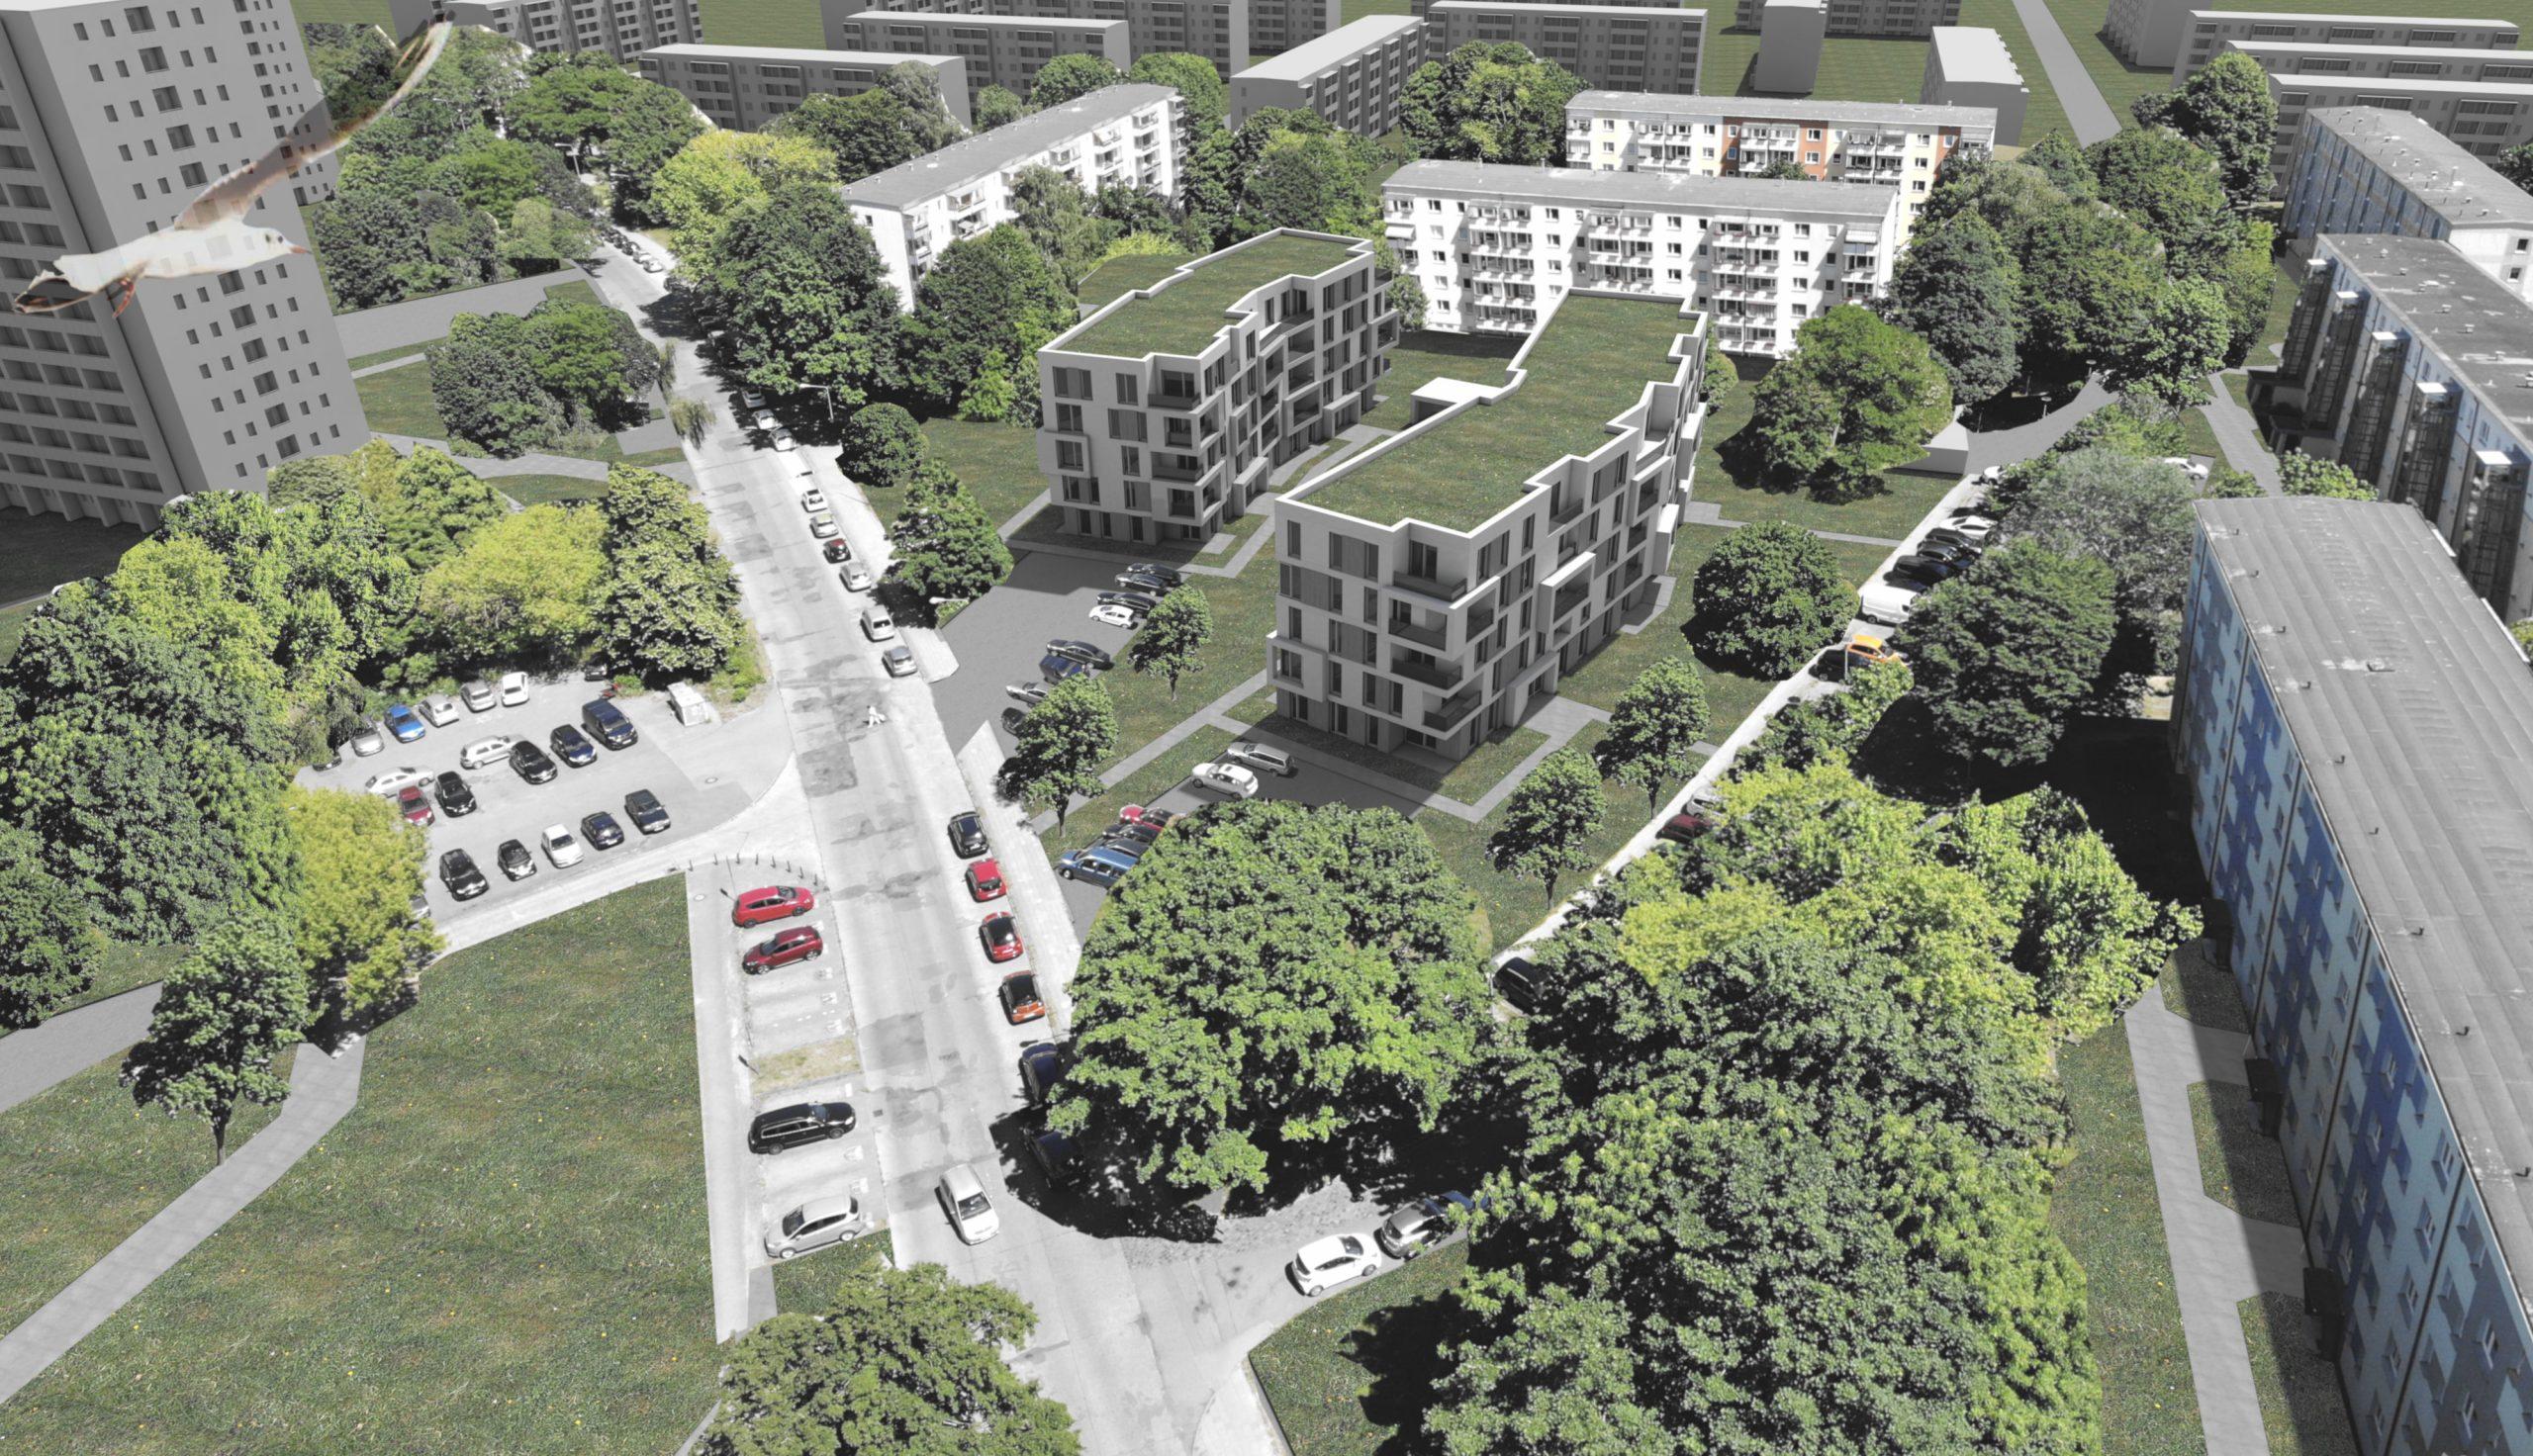 Projektbild 2, Neubau eines Wohnquartiers mit 50 Wohneinheiten   |   Rostock – Südstadt